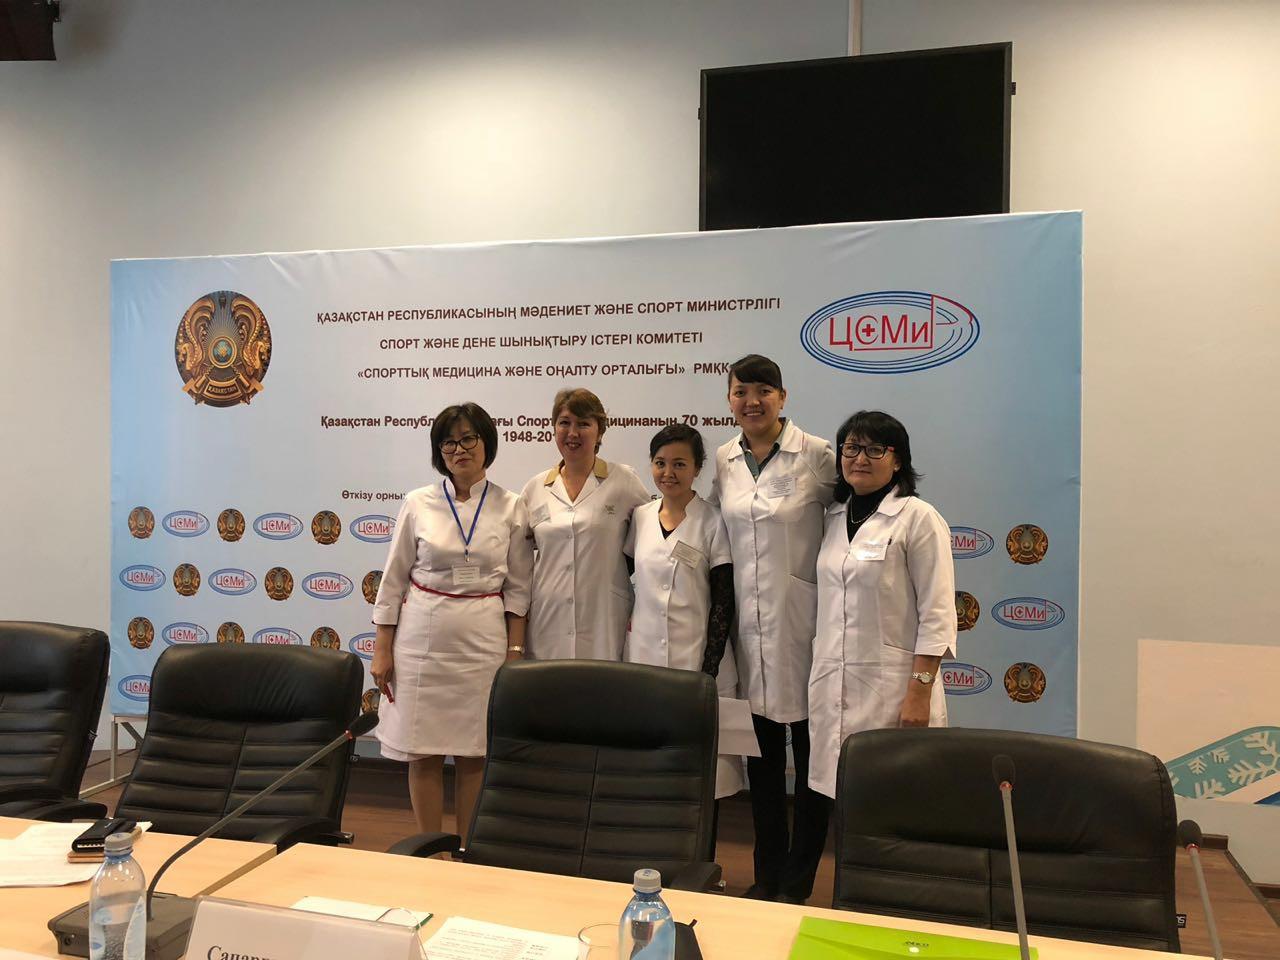 70 лет спортивной медицины в Республике Казахстан